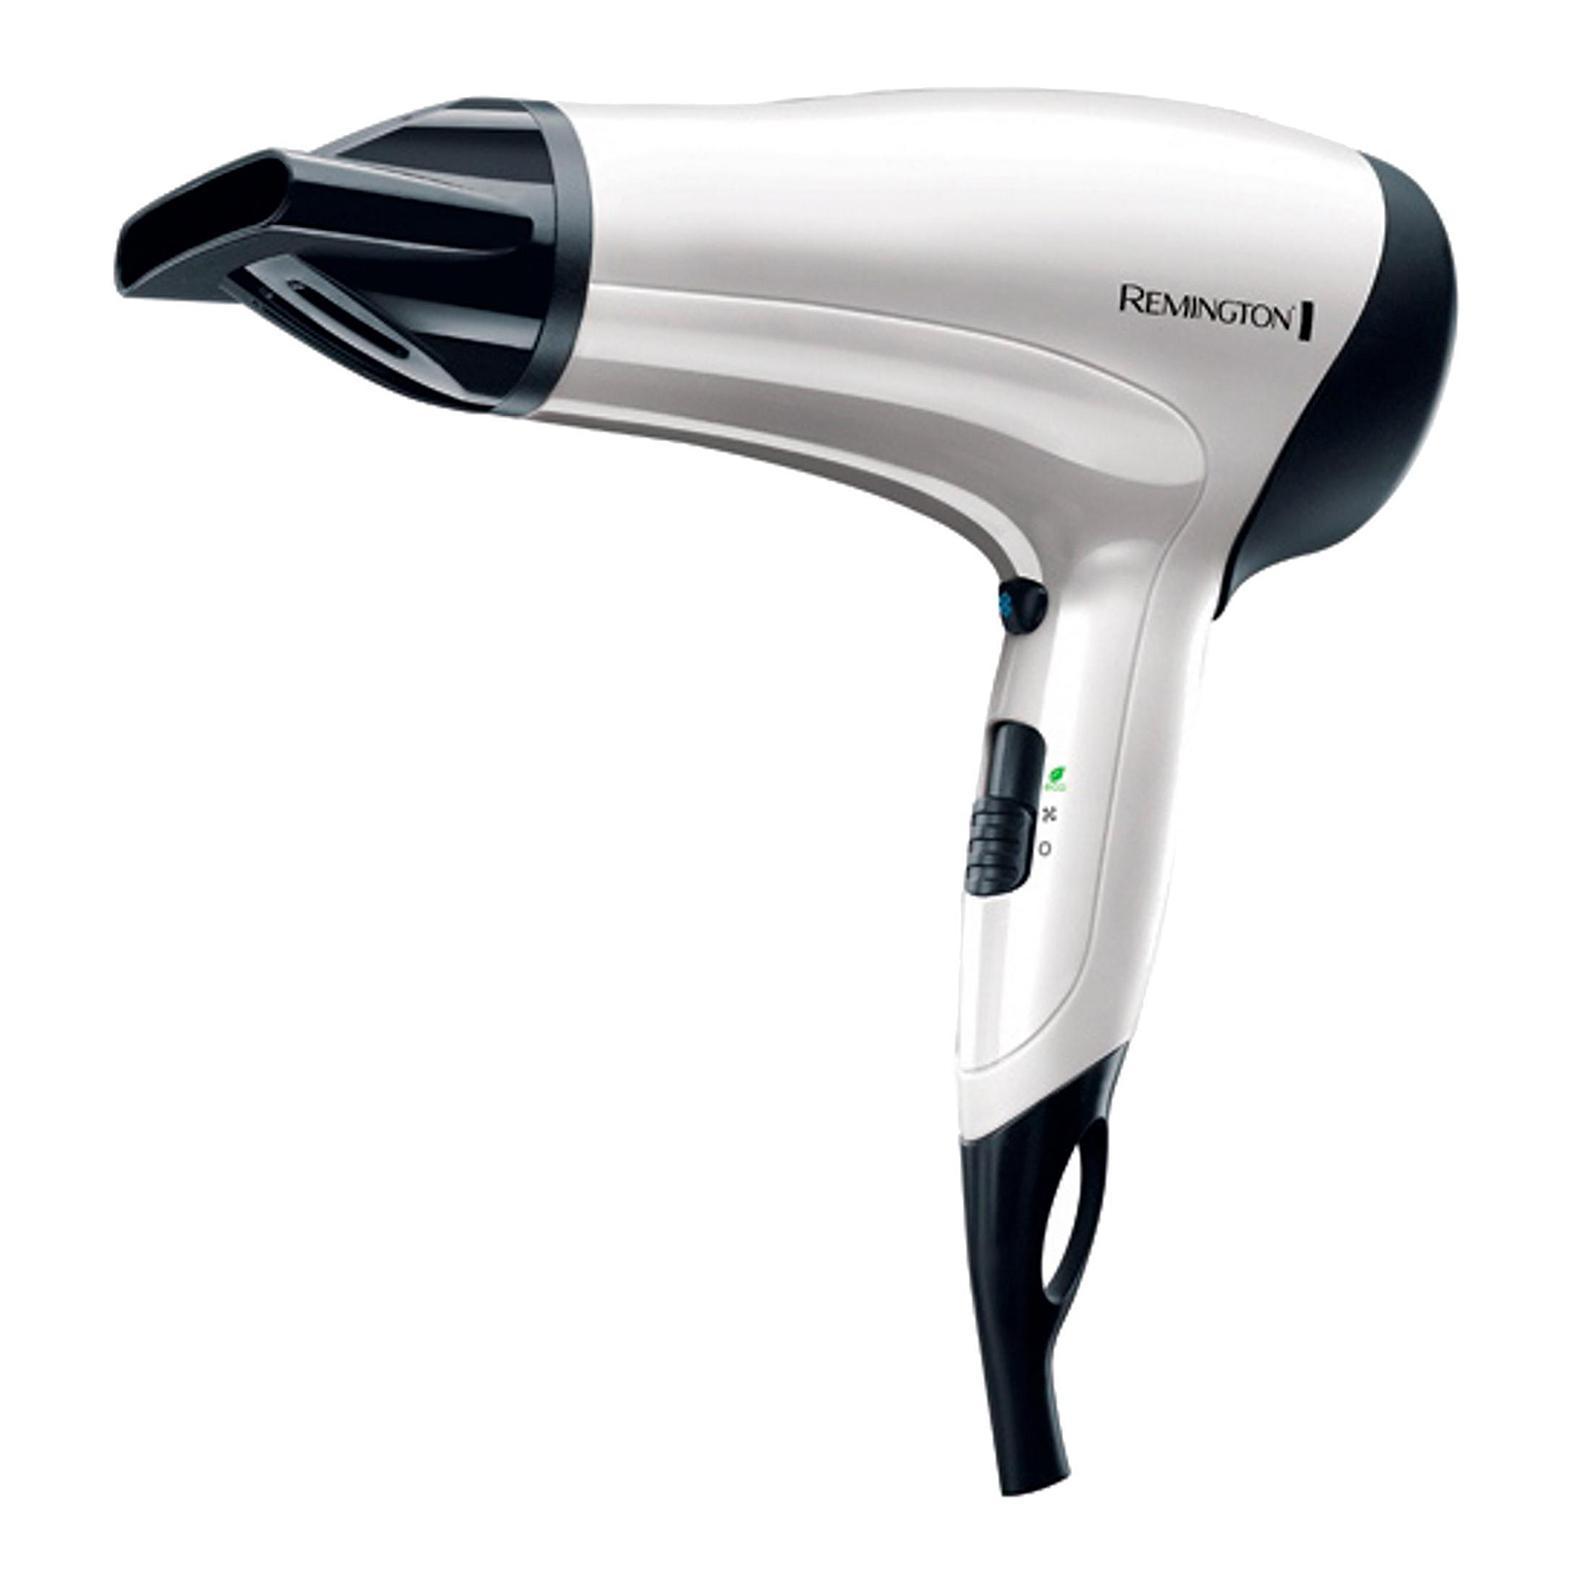 Remington D3015 Power Volume 2000 фенD3015Стильный и функциональный фен Remington D3015 станет прекрасным подарком для каждой современной женщины. С этим прибором Ваши волосы – в полной безопасности! Мощность фена достигает 2000 Вт, что гарантирует быстрое и эффективное высушивание волос любой длины. Тепло распределяется равномерно благодаря специальной решетке, которая изготовлена из усовершенствованной керамики и турмалина. Эффект ионизации позволяет исключить образование статического электричества, а также предотвратить спутывание волос. Современный фен Remington D3015 обладает неограниченной функциональностью. Он оснащен 3 настройками температуры и имеет 2 скорости воздушного потока. Таким образом, Вы легко и быстро подберете именно тот режим, который идеально подходит для Ваших волос. Более того, Remington D3015 позволяет надежно зафиксировать сделанную прическу благодаря специальной функцииобдува холодным воздухом. Фен имеет две насадки: концентратор и диффузор. Насадка-концентратор представляет собой полый цилиндр со сплющенным концом. Она препятствует рассеиванию воздушного потока и направляет струю воздуха непосредственно на волосы, обеспечивая тем самым их быструю сушку. Насадка-диффузор представляет собой своеобразные «пальчики». С помощью этой насадки Вы легко сможете сделать самые разные прически. Сушка волос с использованием диффузора занимает гораздо меньше времени и практически не травмирует их, за счет равномерного распределение воздуха. Стильный фен Remington D3015 оснащен ЭКО-функцией, когда прибор используется в режиме среднего нагрева, сберегая большое количество энергии. Уход за прибором не создаст Вам дополнительных трудностей. Его задняя решетка легко снимается и моется под проточной водой. Современный многофункциональный фен Remington D3015 создан специально для Вас!